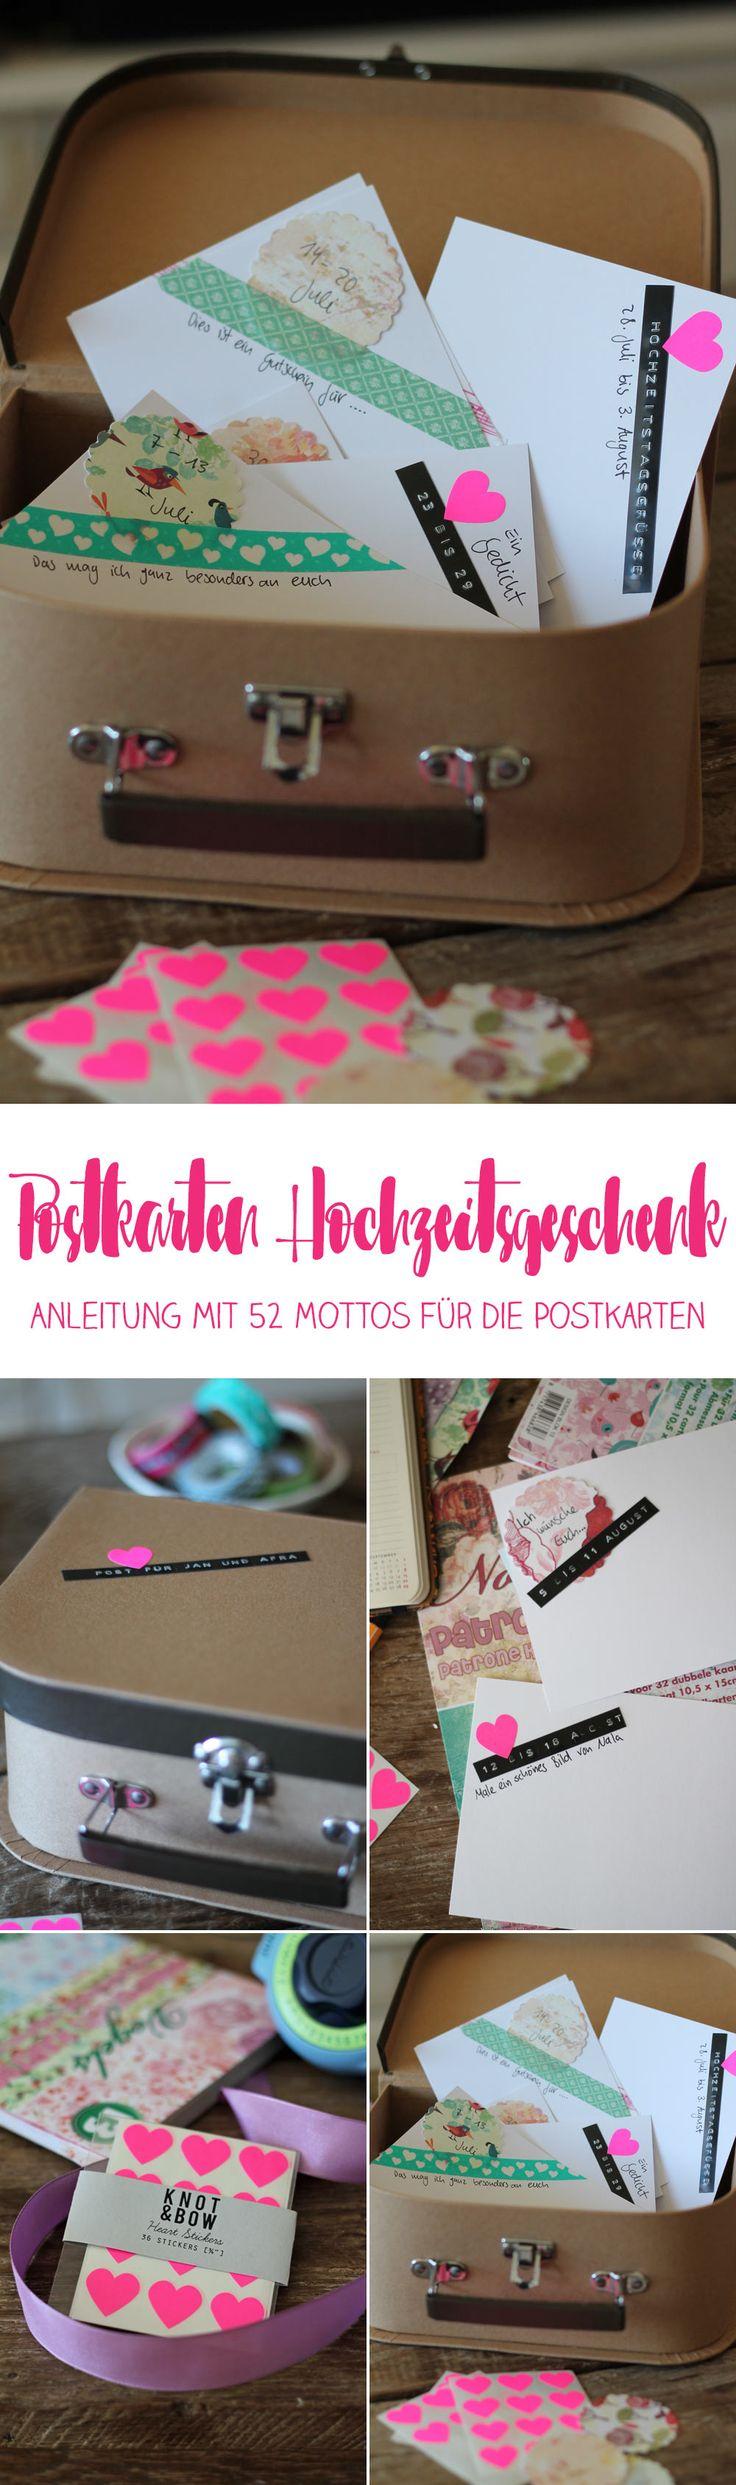 Postkarten Hochzeitsgeschenk - DIY Anleitung inklusive 52 Mottos für die Postkarten - Hochzeitsgeschenkidee